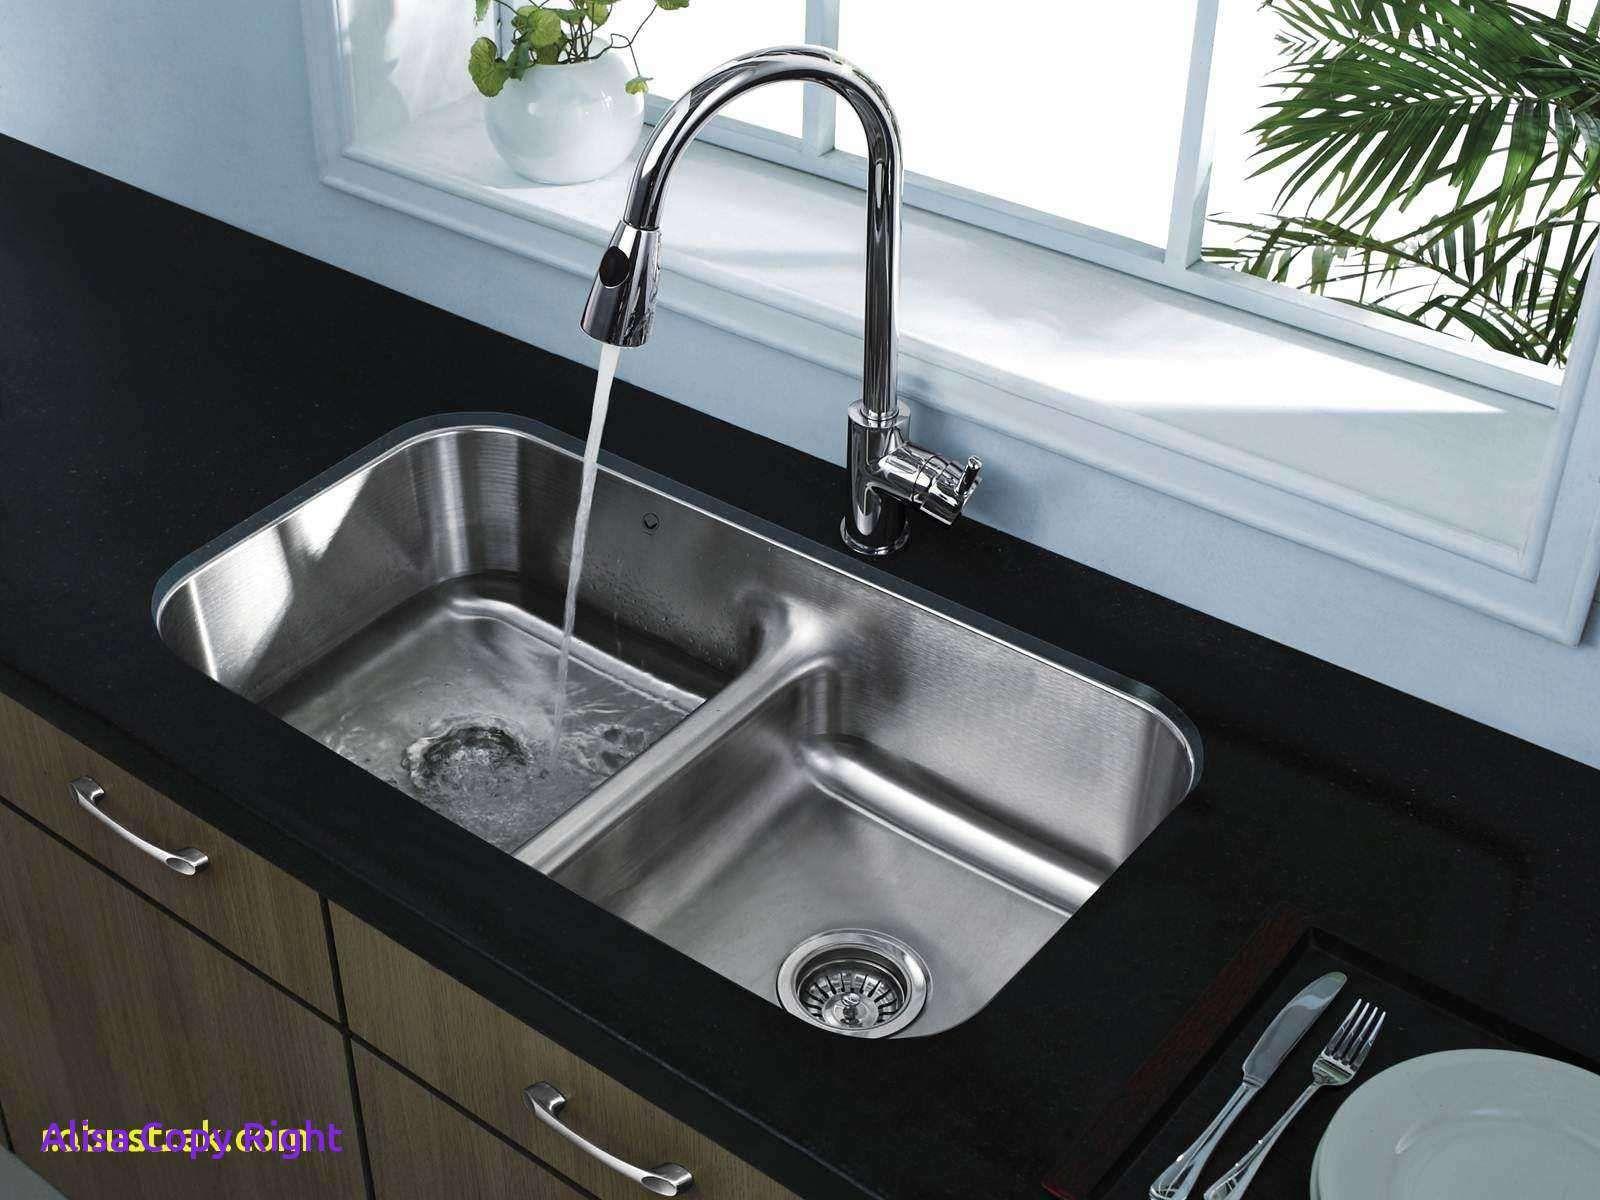 Unique Stainless Steel Backsplash Homedecoration Homedecorations Homedecorationideas Small Kitchen Sink Kitchen Sink Design Replacing Kitchen Countertops